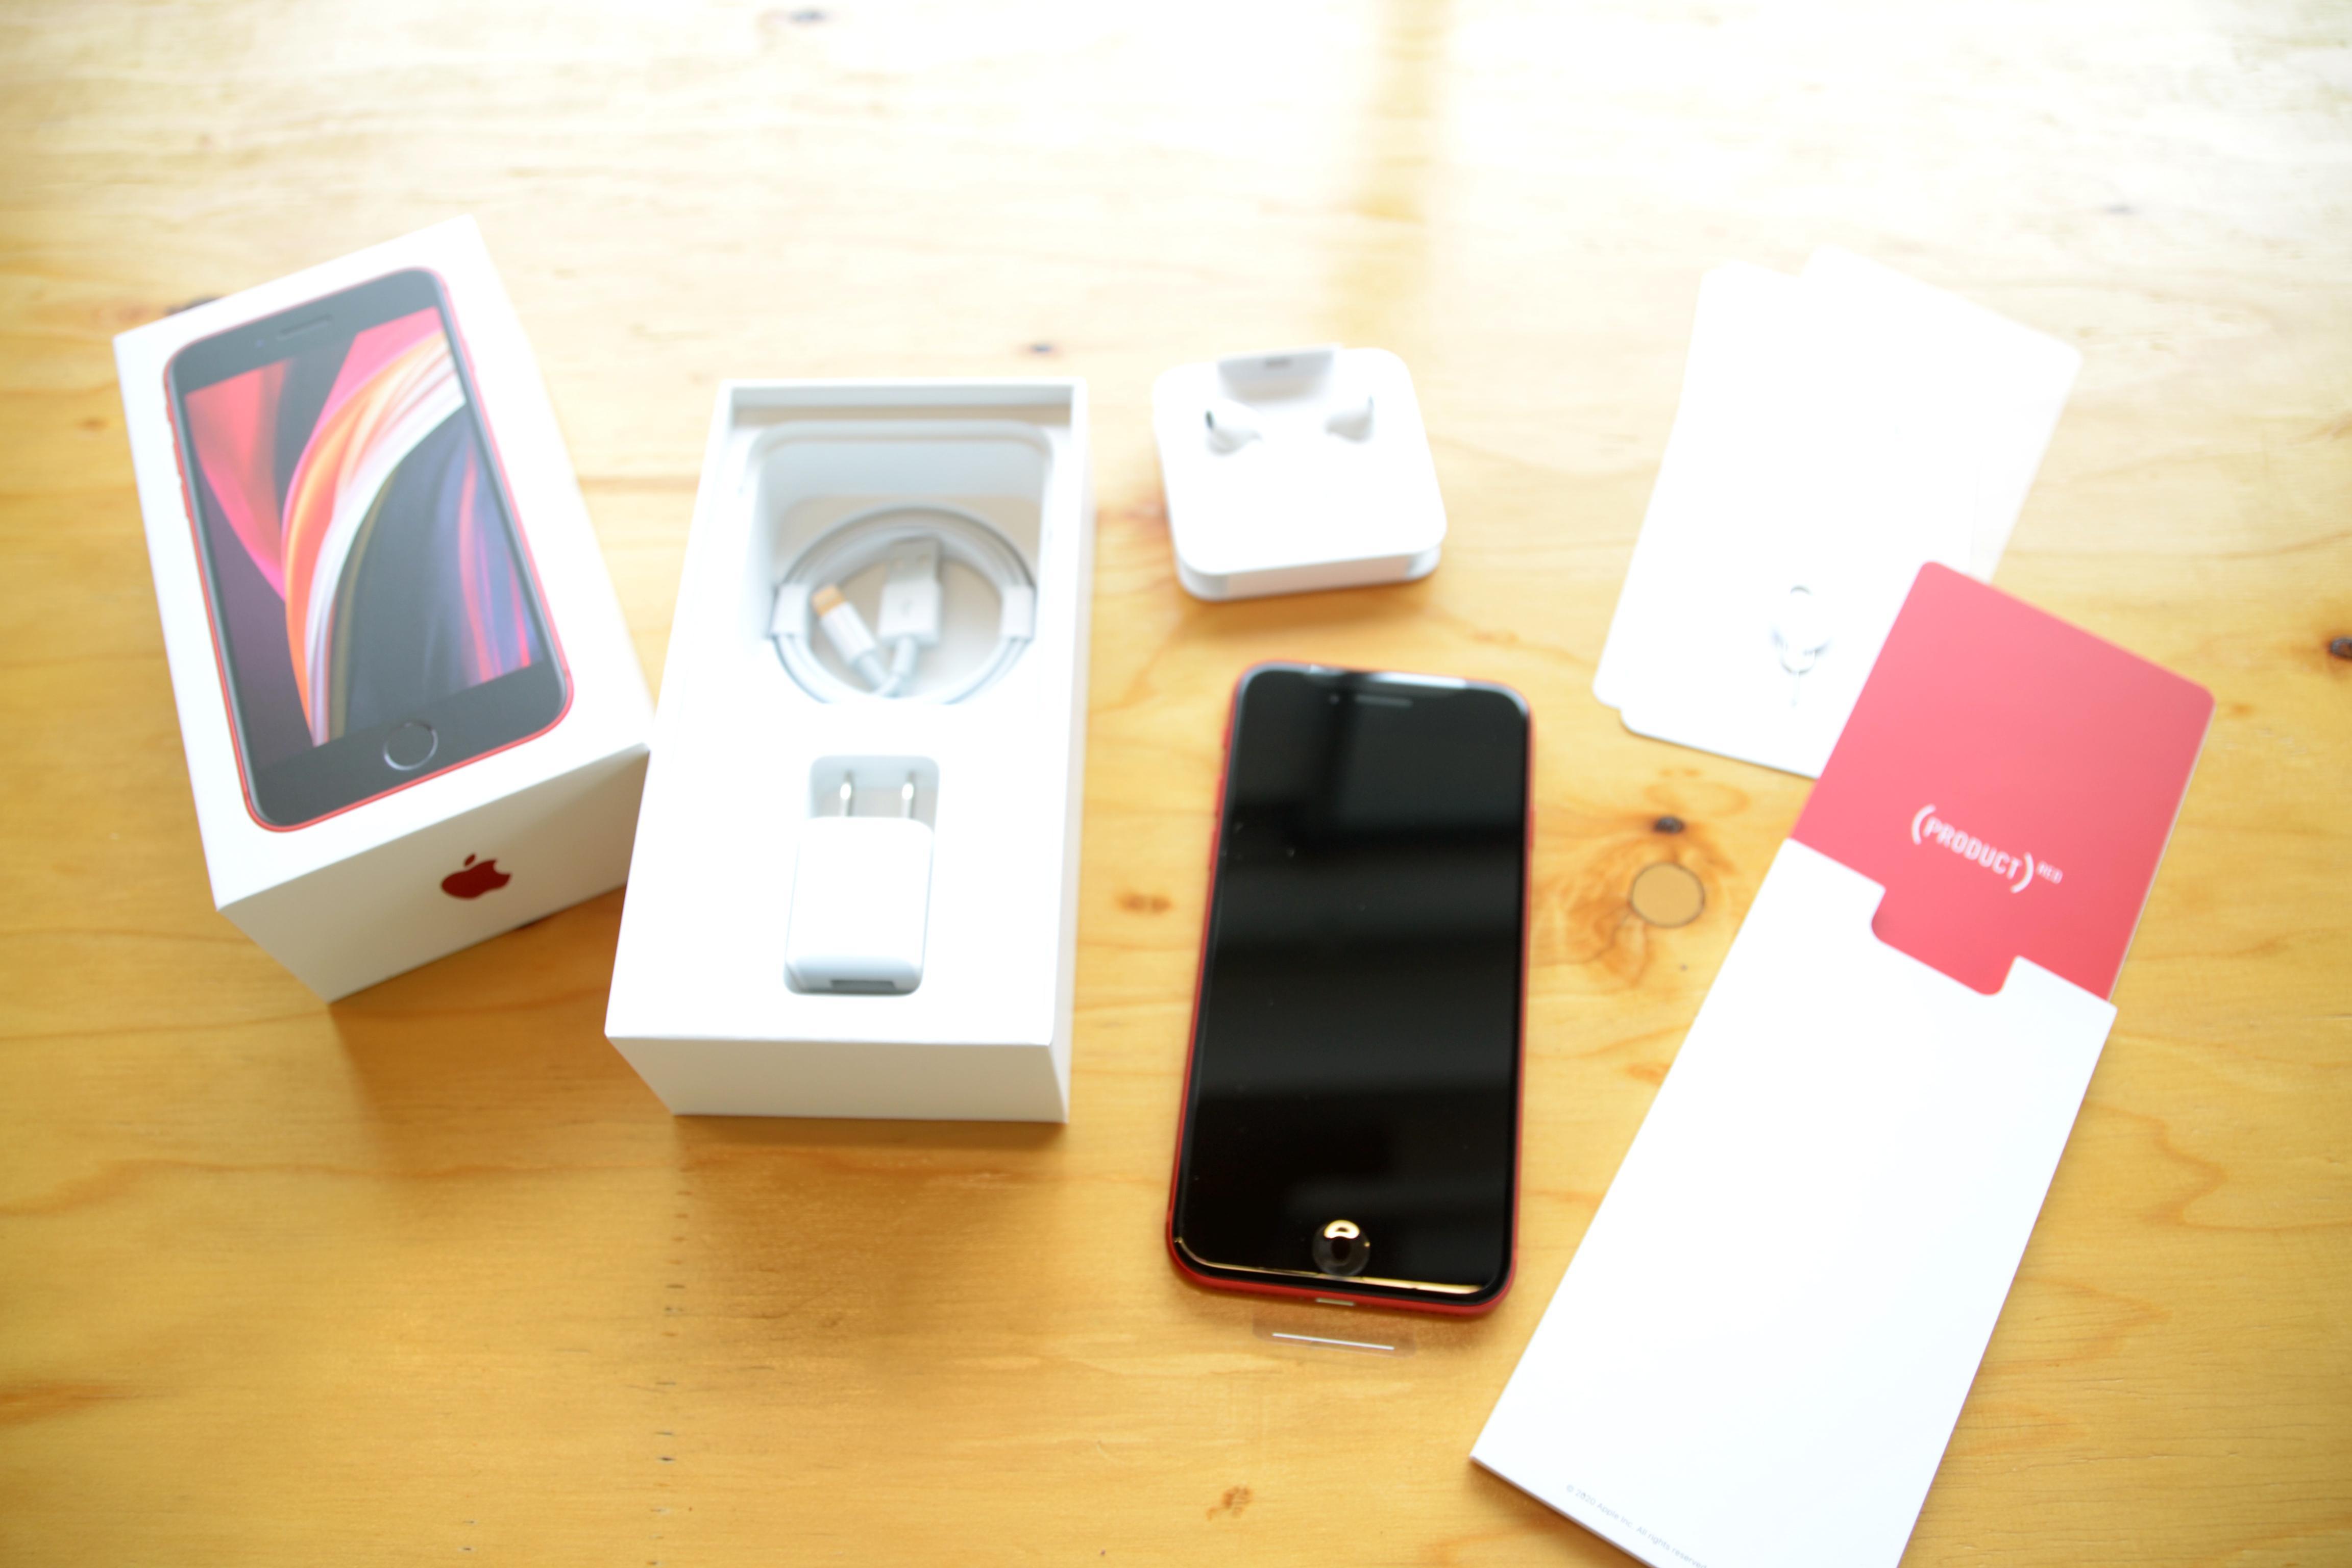 iPhone SE(第二世代)に入っていたものの画像